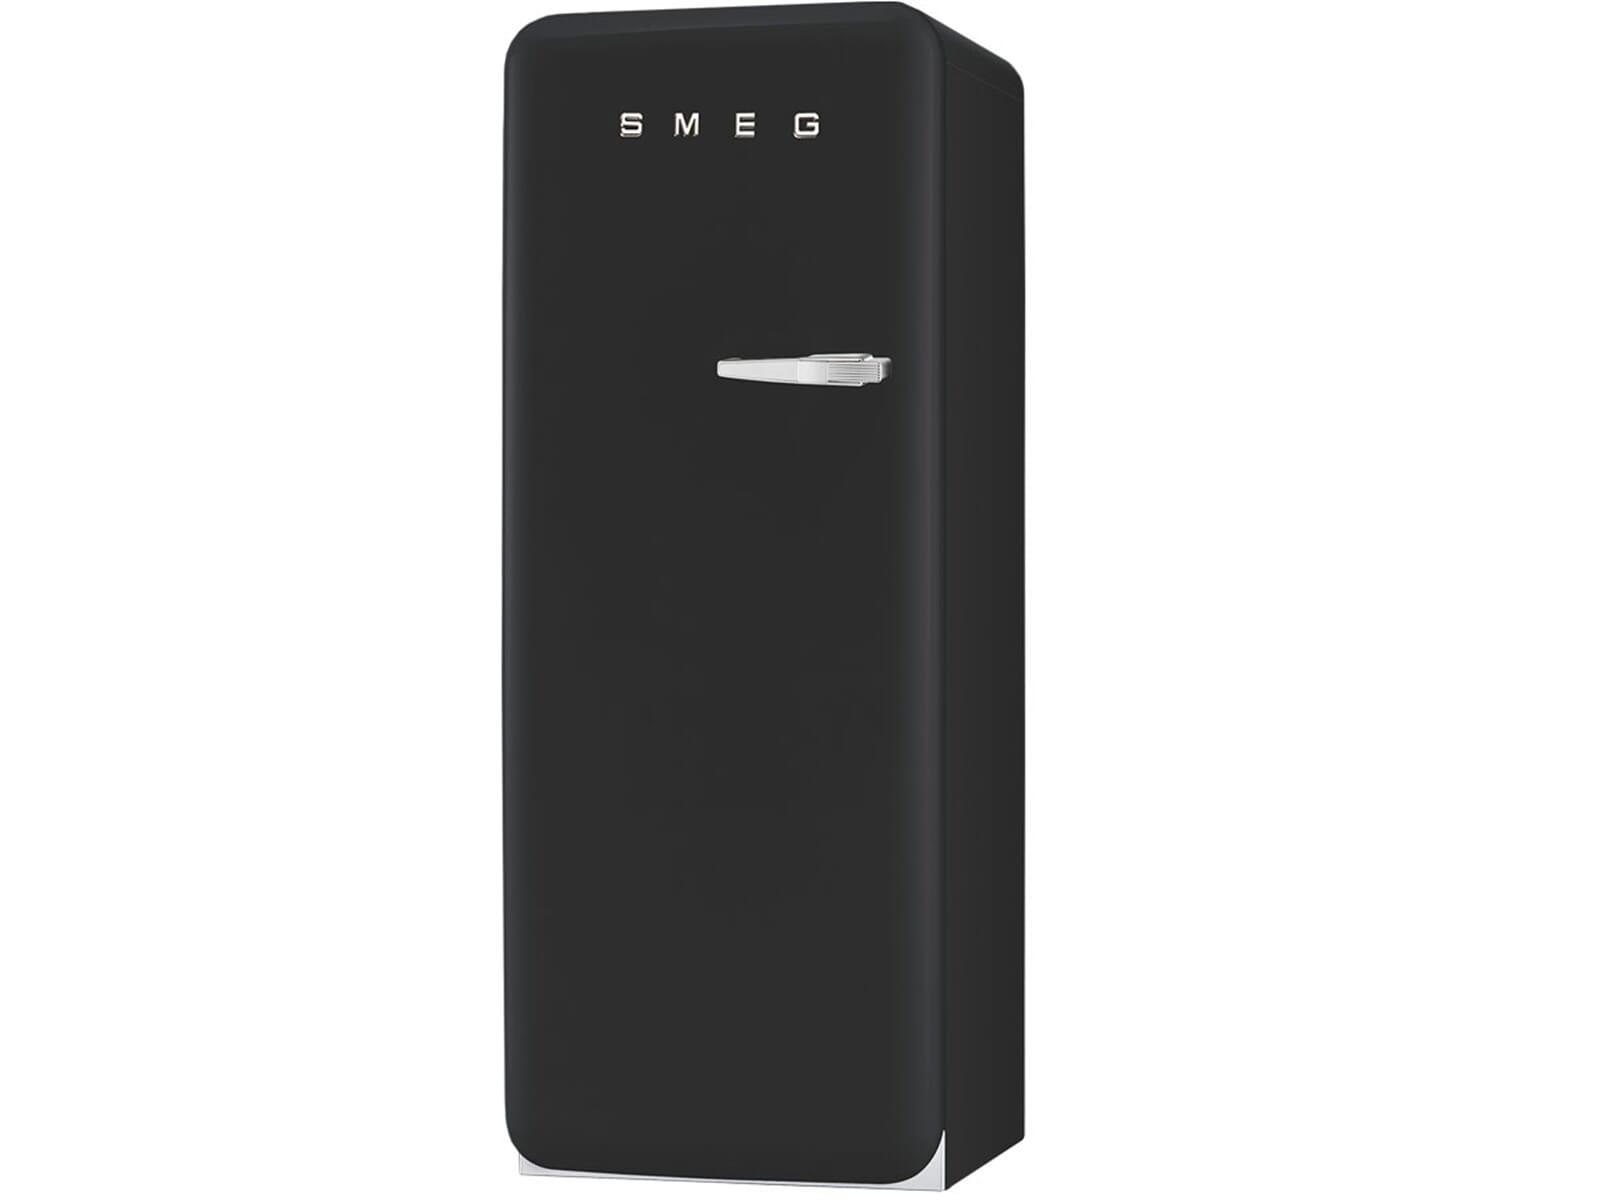 Retro Kühlschrank Linksanschlag : Kühlschrank matt schwarz smeg frances o donnell